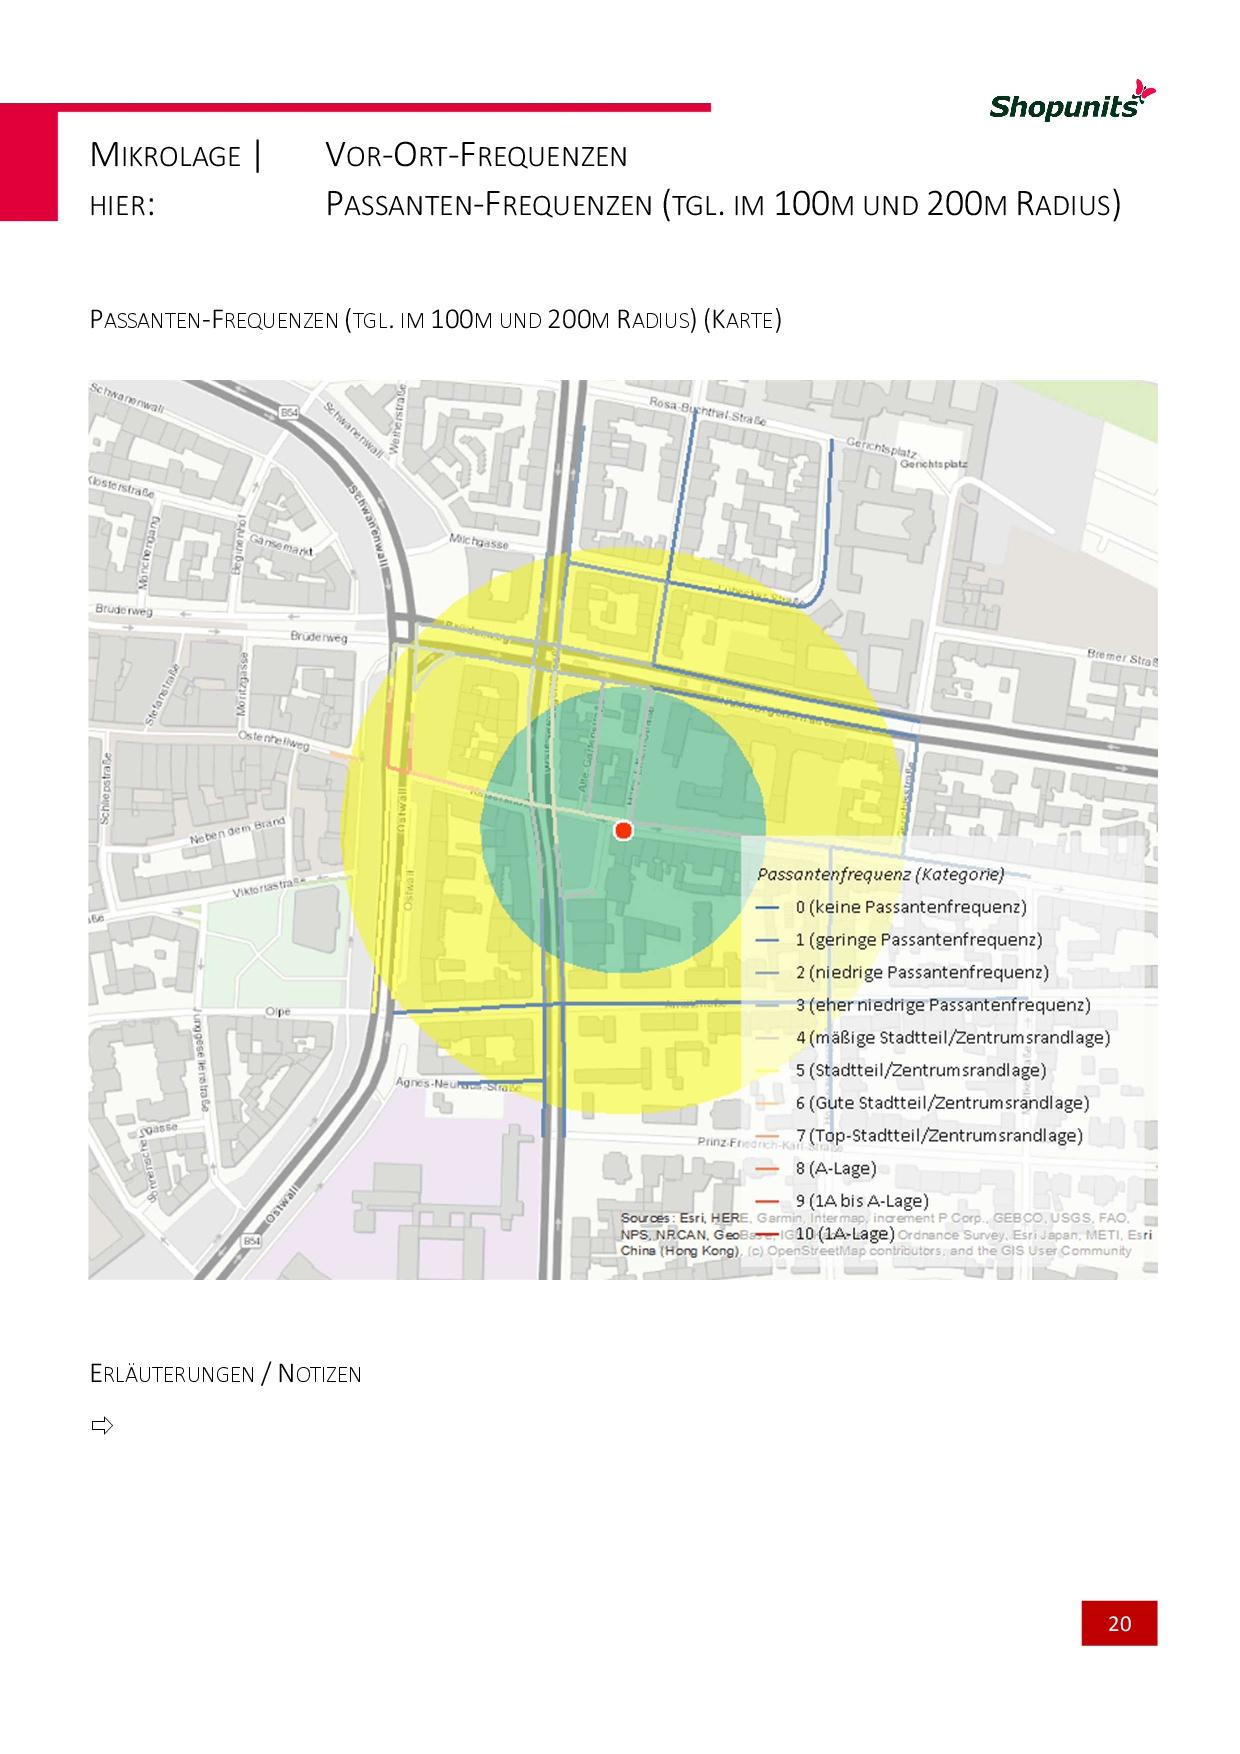 Go*Local - Online-Analysen für Markt, Standort und Wettbewerb, hier: Passanten-Frequenzen (tgl. im 100m - 200m Radius)